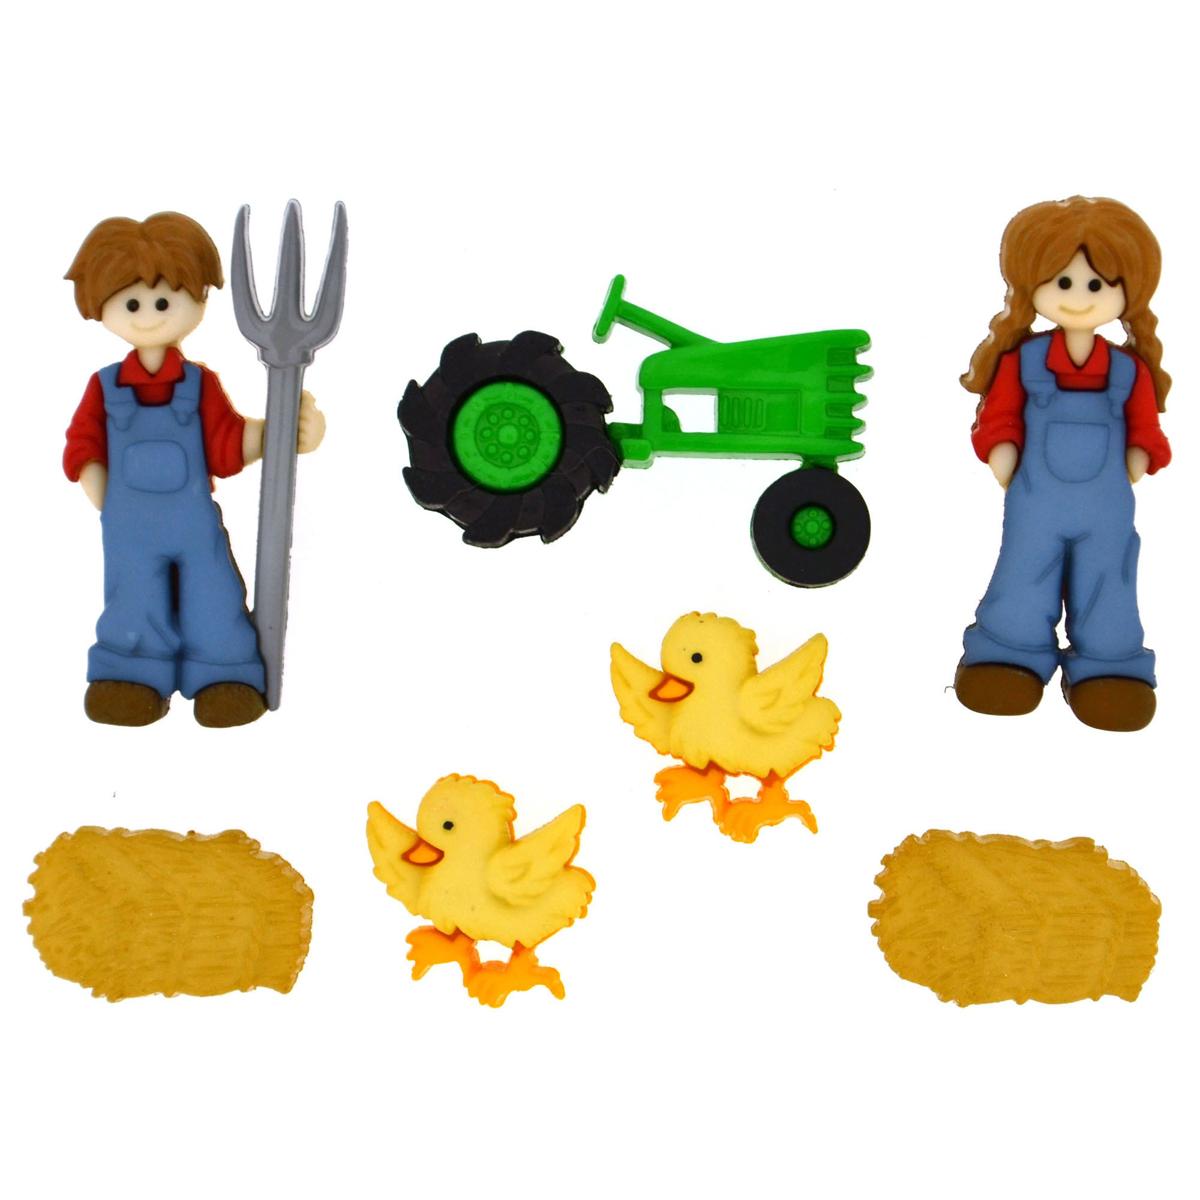 Пуговицы декоративные Dress It Up На ферме, 7 шт7713471Набор Dress It Up На ферме состоит из 7 декоративных пуговиц, выполненных из высококачественного пластика в виде фермеров, курочек и трактора. Такие пуговицы подходят для любых видов творчества: скрапбукинга, декорирования, шитья, изготовления кукол, а также для оформления одежды. С их помощью вы сможете украсить открытку, фотографию, альбом, подарок и другие предметы ручной работы. Все пуговицы в наборе имеют оригинальный и яркий дизайн. Средний размер пуговиц: 1,8 см х 2,7 см х 0,5 см.